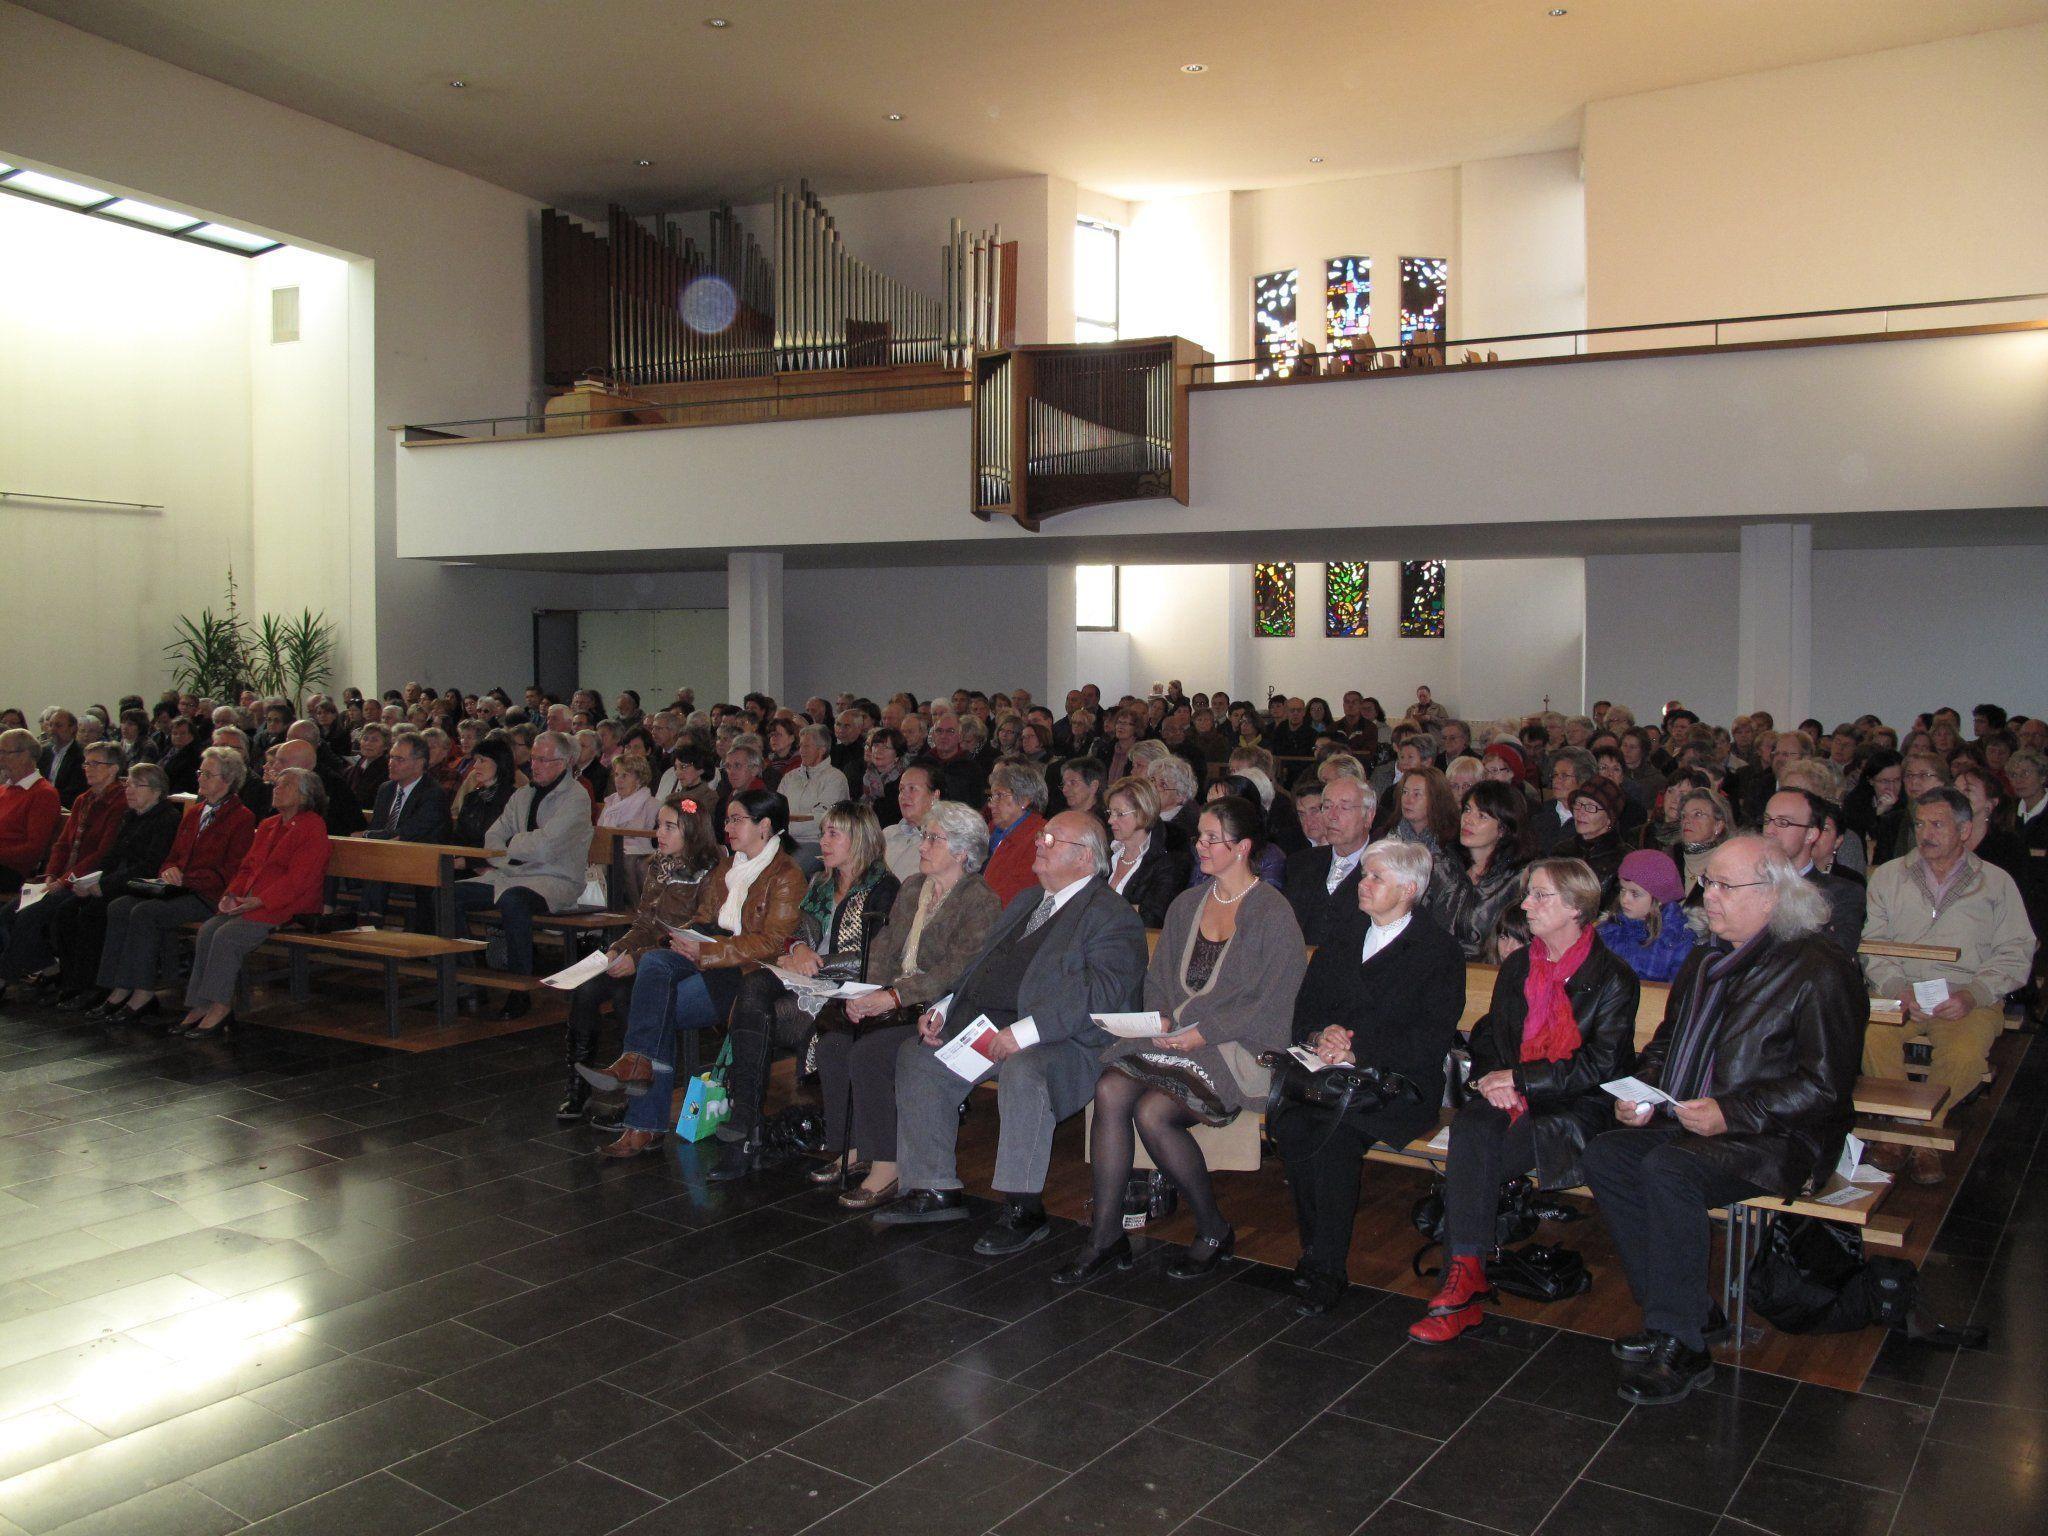 Volle Kirche auch beim 4. Benefizkonzert von ton-tisner orgel neu